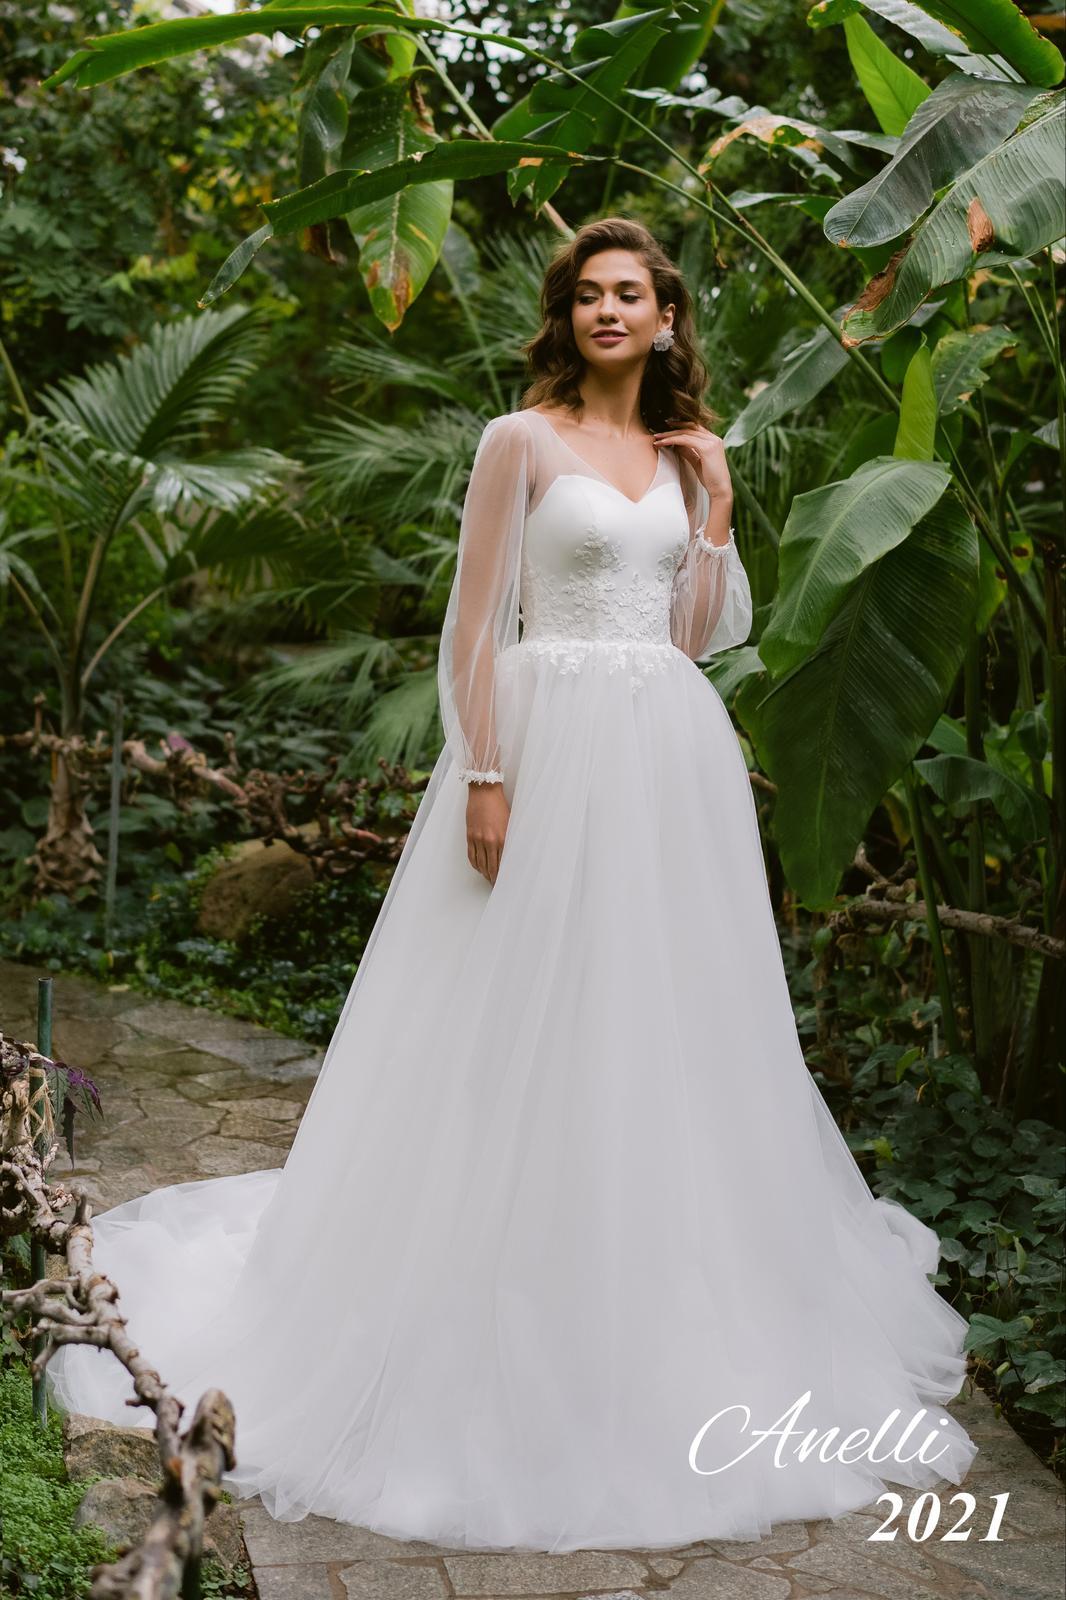 Svadobné šaty - Breeze 2021 - Obrázok č. 2